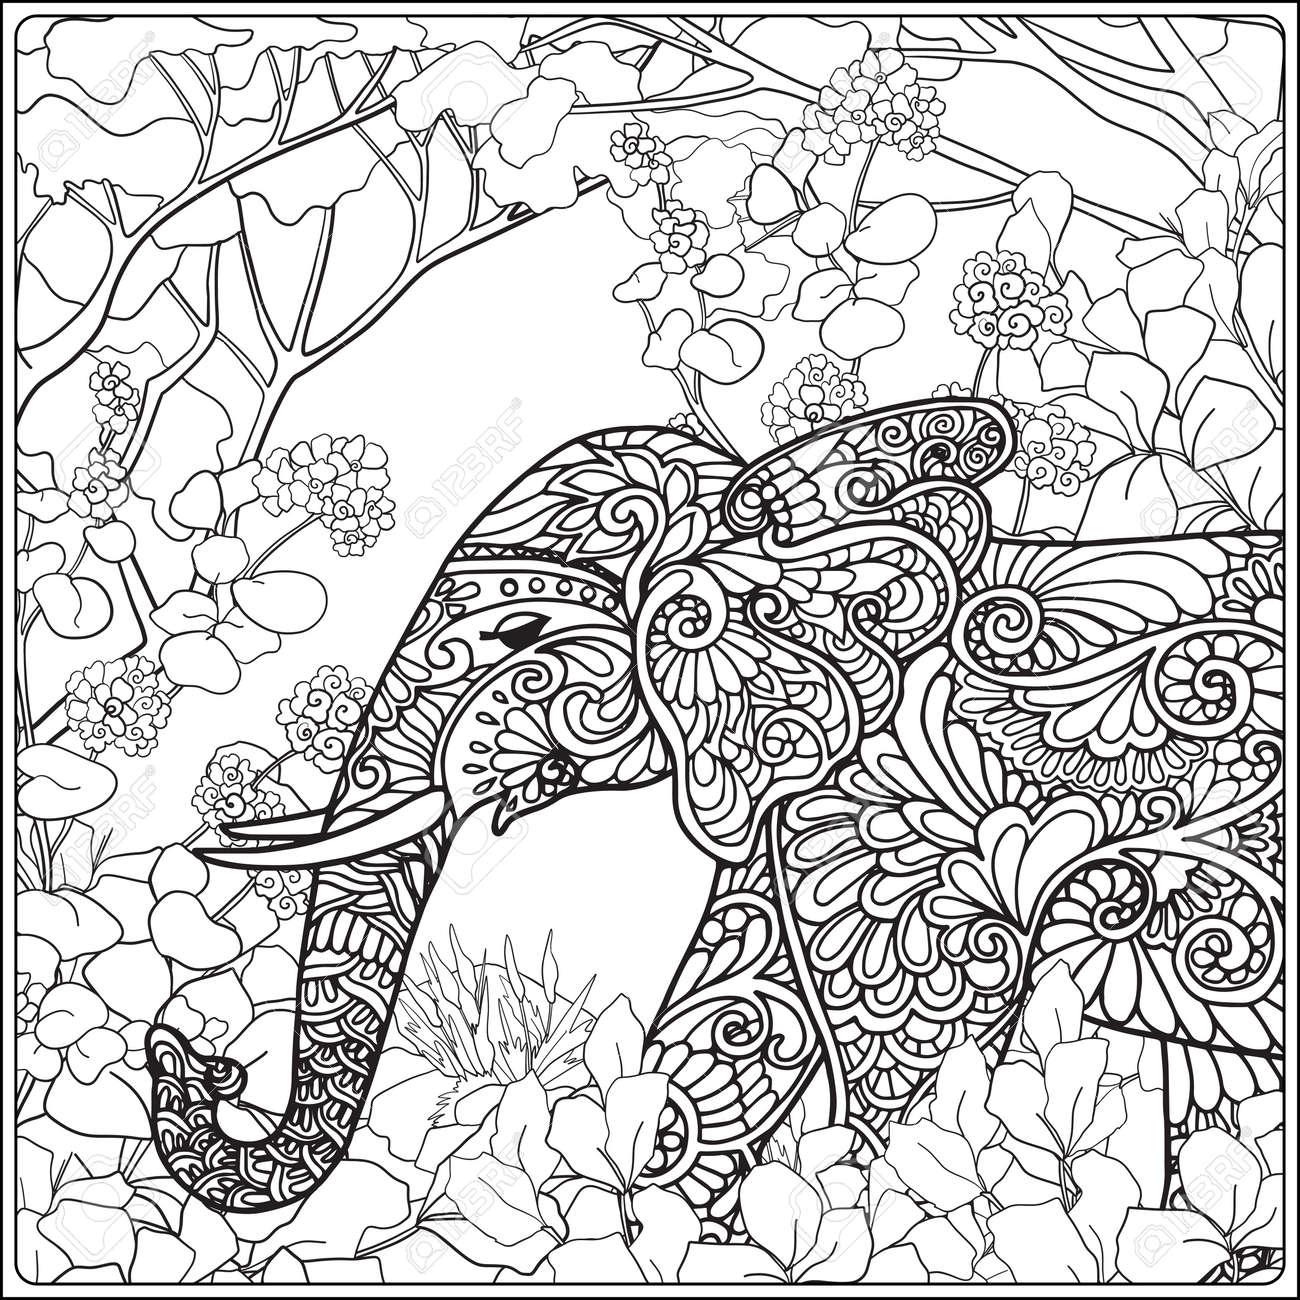 Malvorlage Mit Elefanten Im Wald. Malbuch Für Erwachsene Und ältere ...